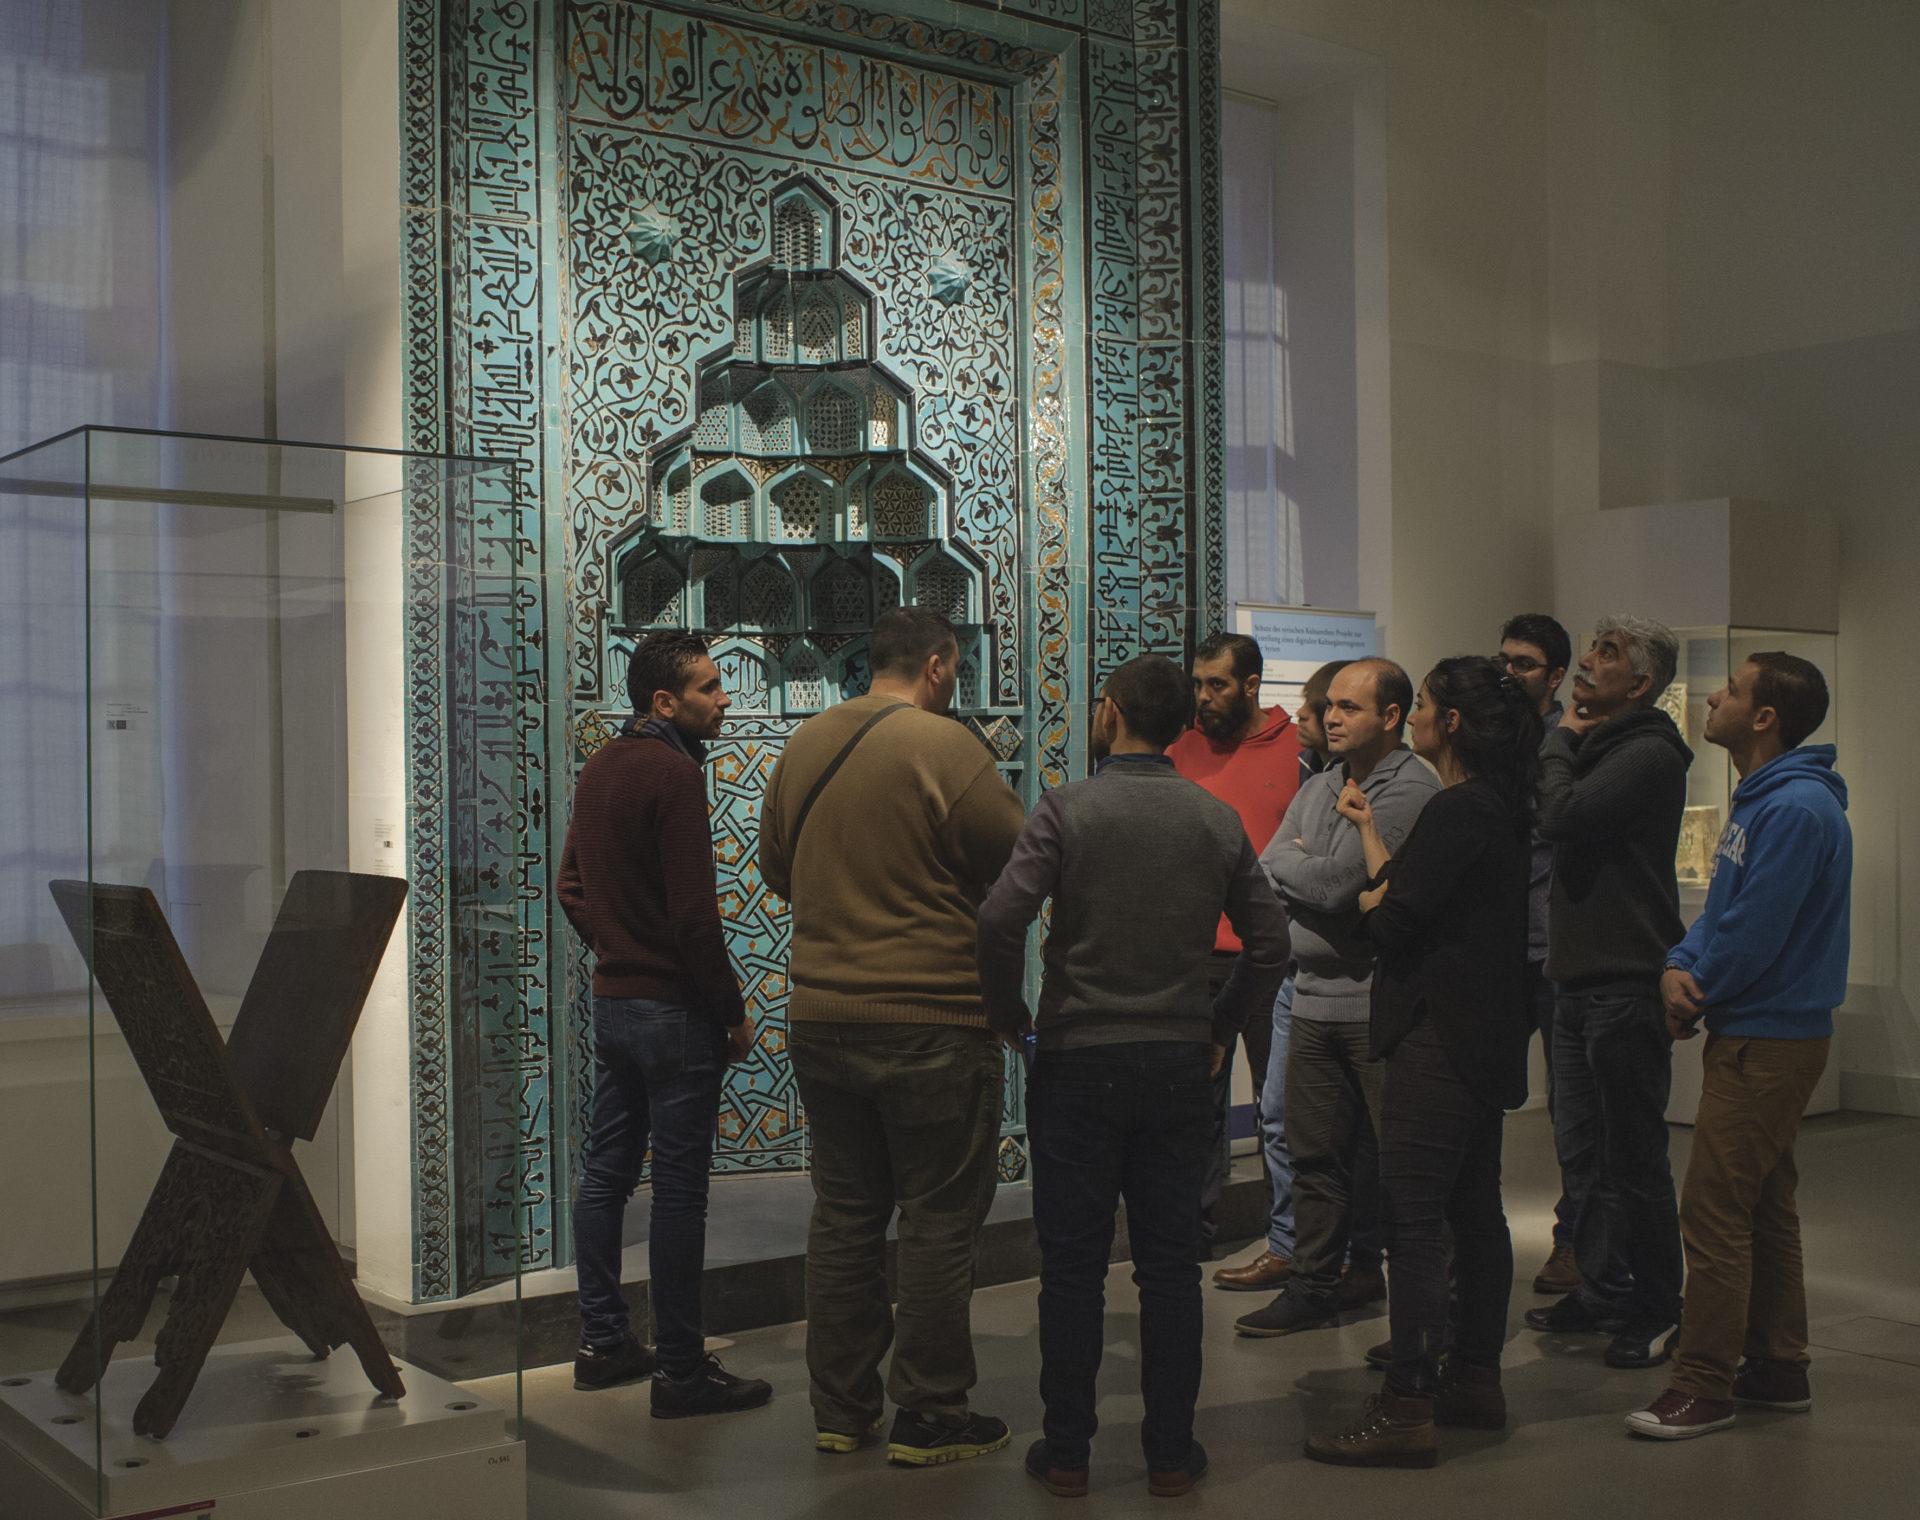 【新訊】他鄉和同鄉的交會點  移民導覽與博物館觀眾說故鄉事